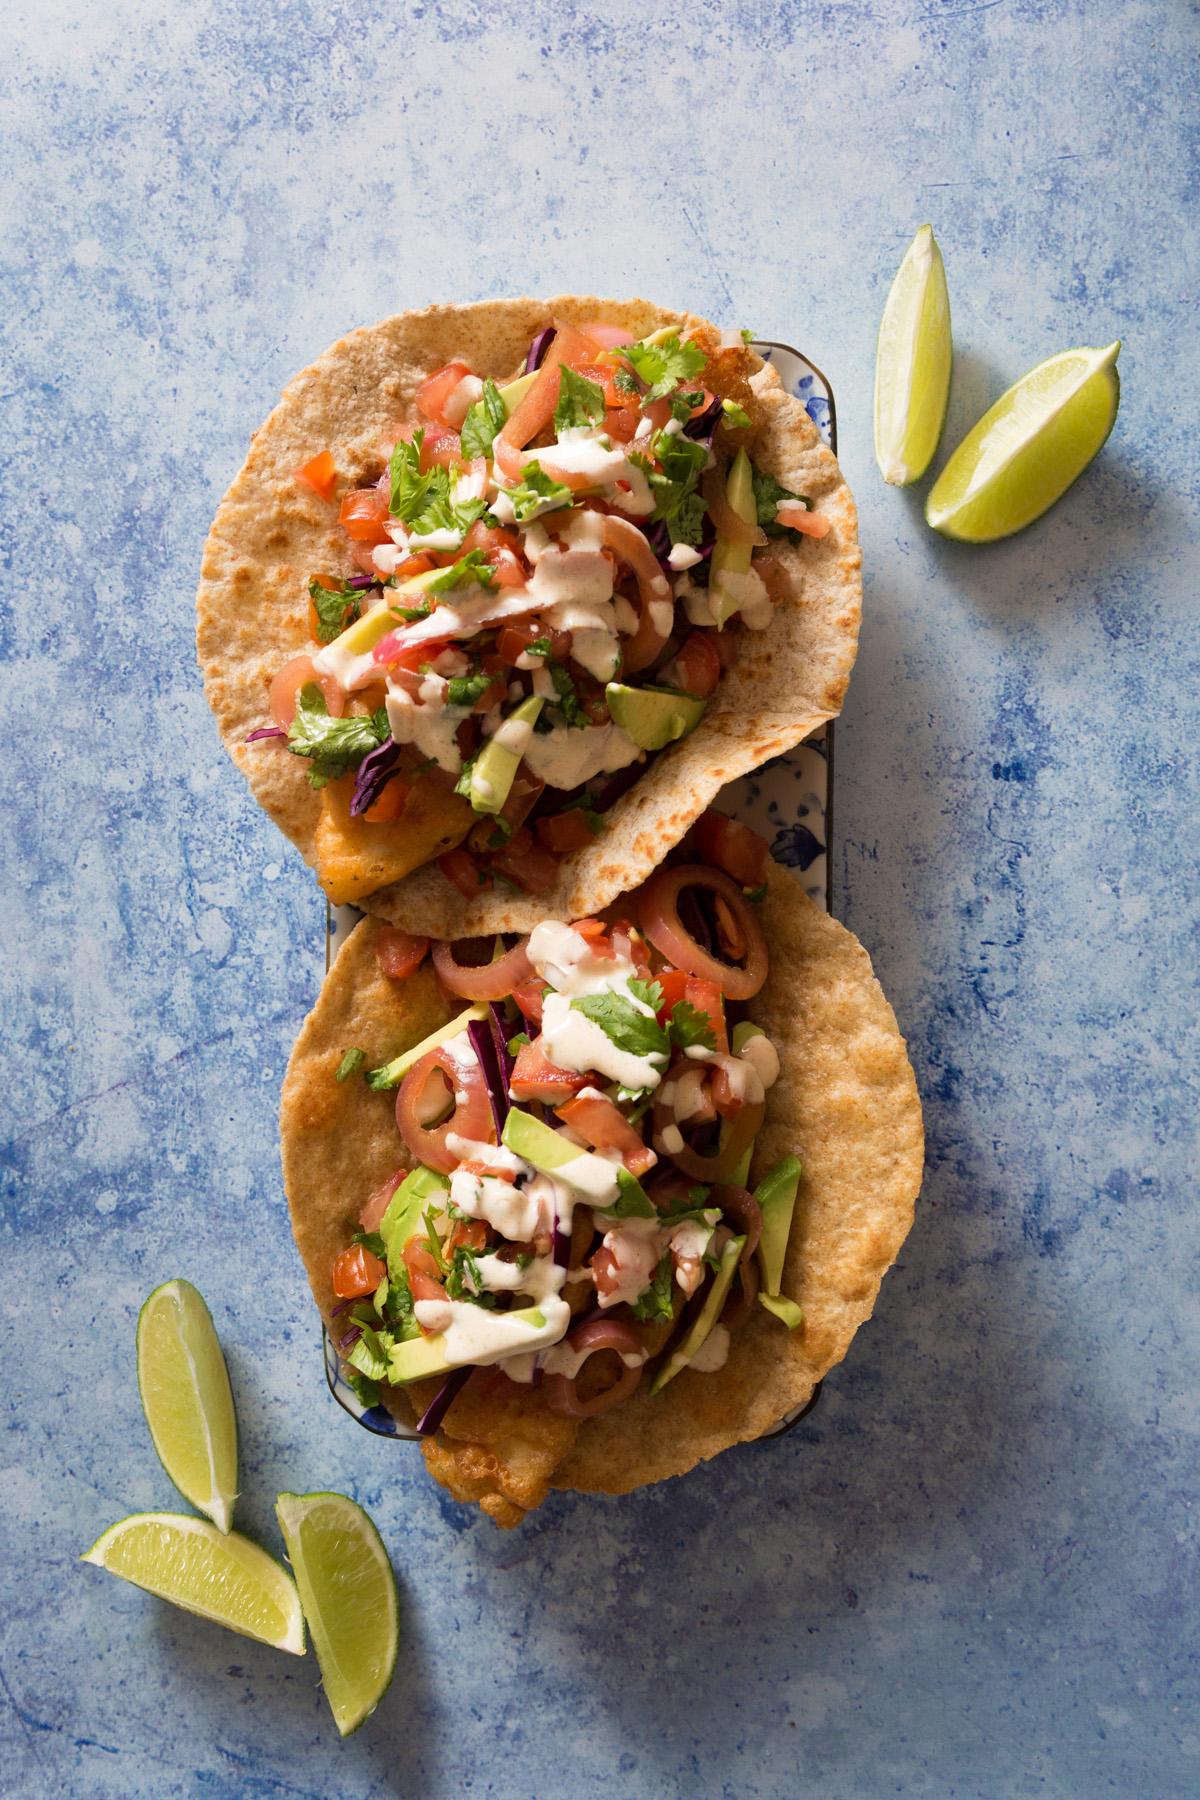 Baja Fish Tacos with Springhills Fish Barramundi